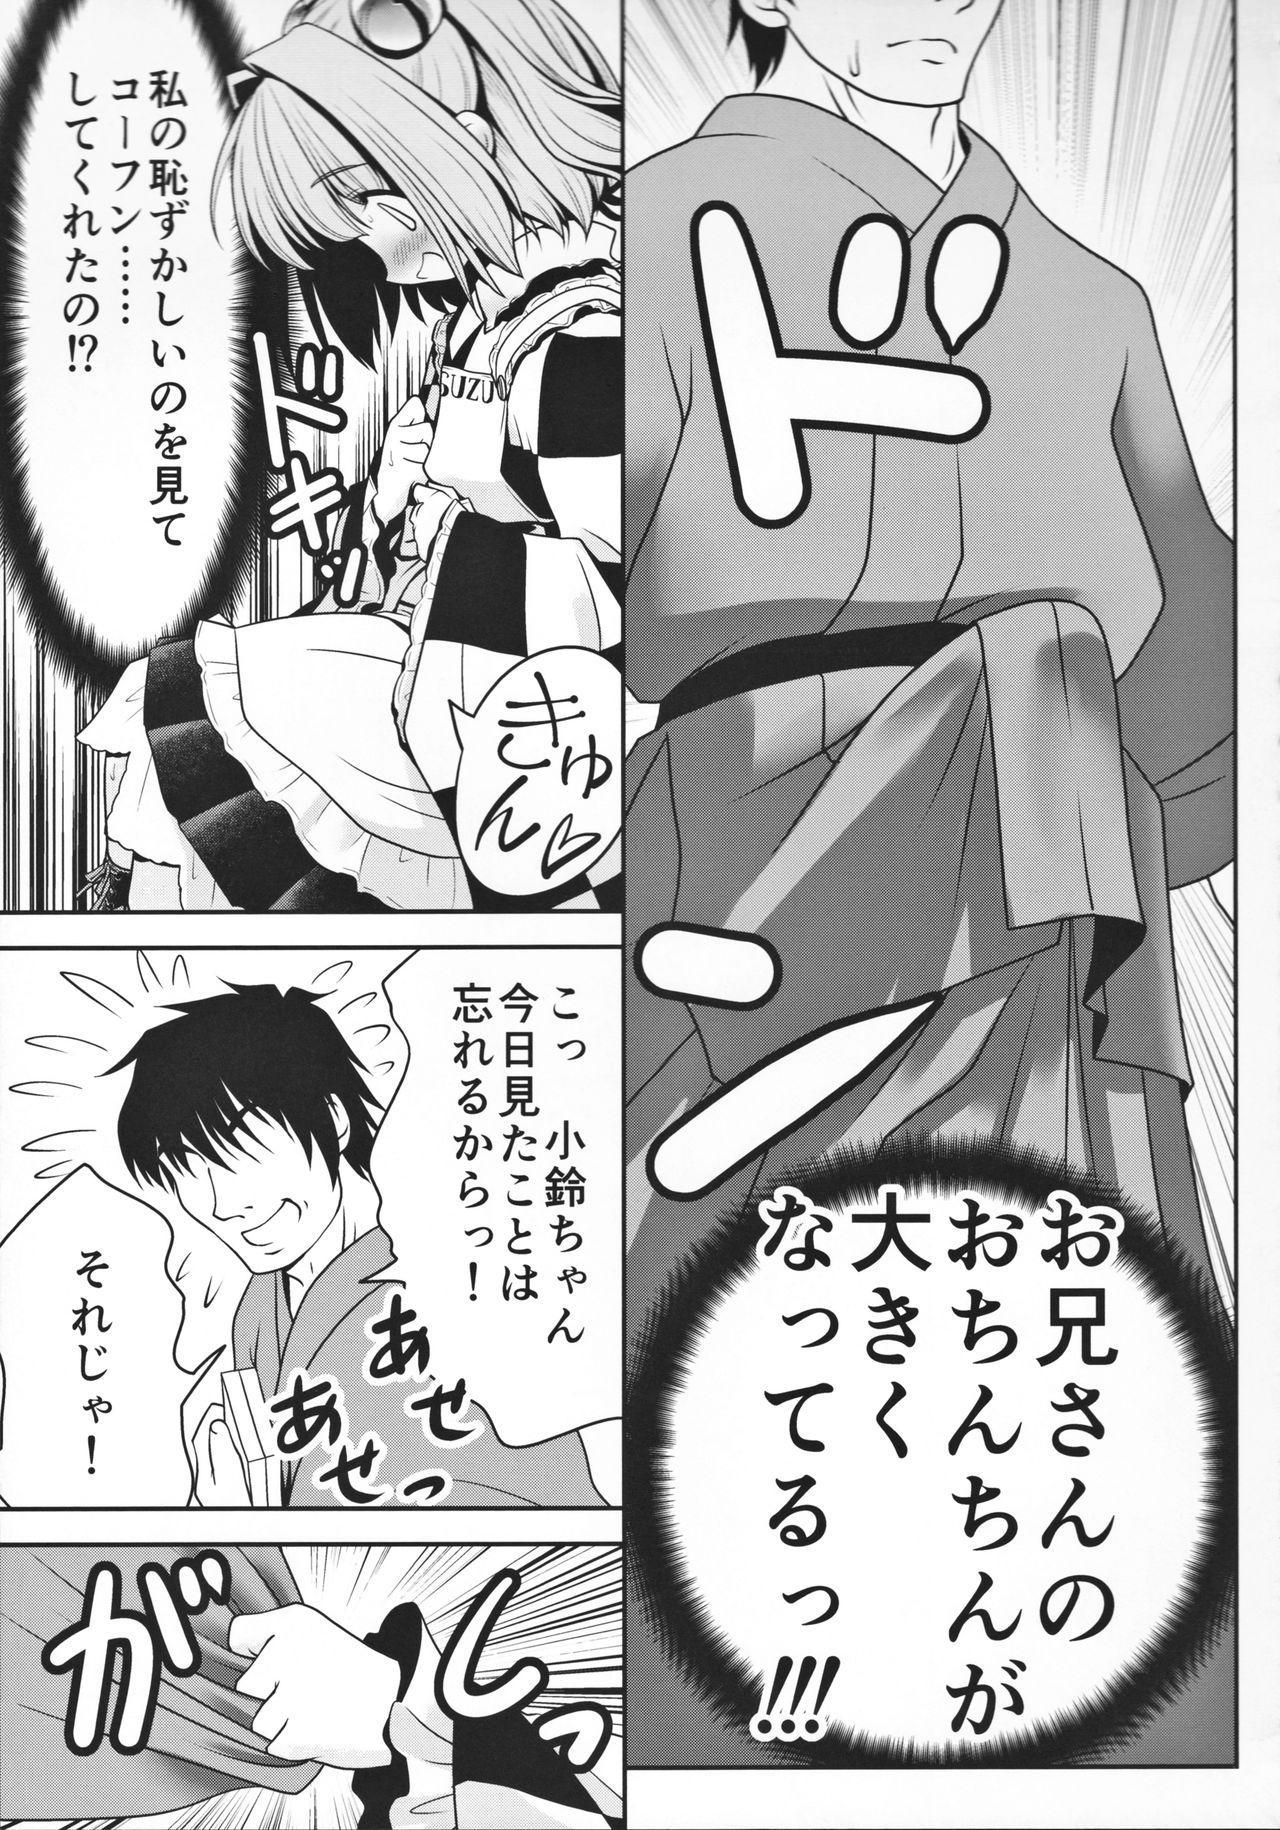 Watashi no Jii de Bokki Shitanara Watashi no Sekinin desu yo ne... 15